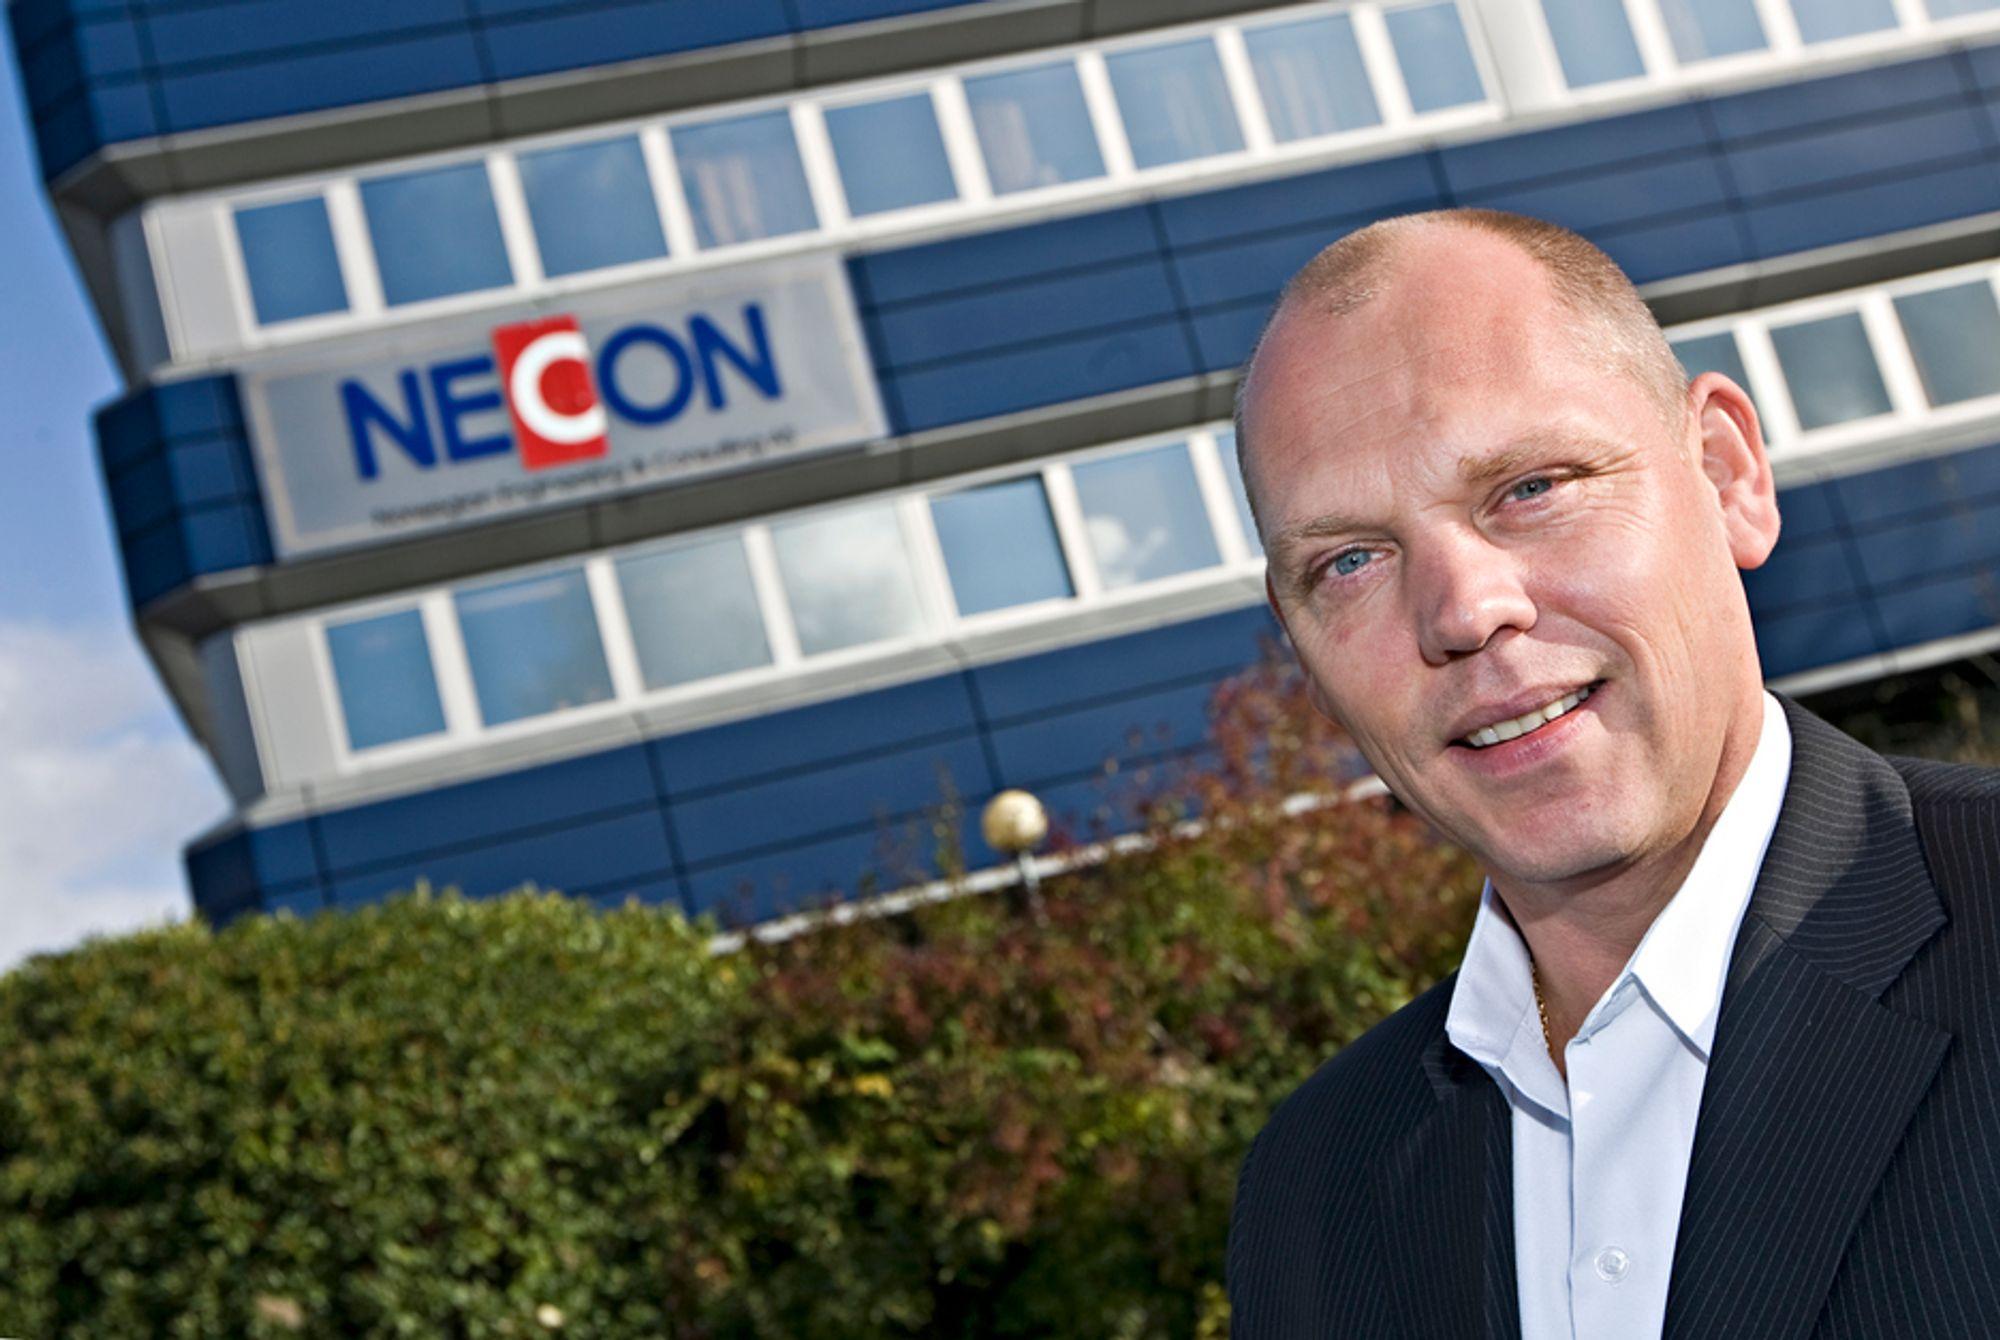 HÅPEFULL: NECONs administrerende direktør Aslak Gundersen håper og tror konkurransen kan tiltrekke seg dyktige ingeniører.